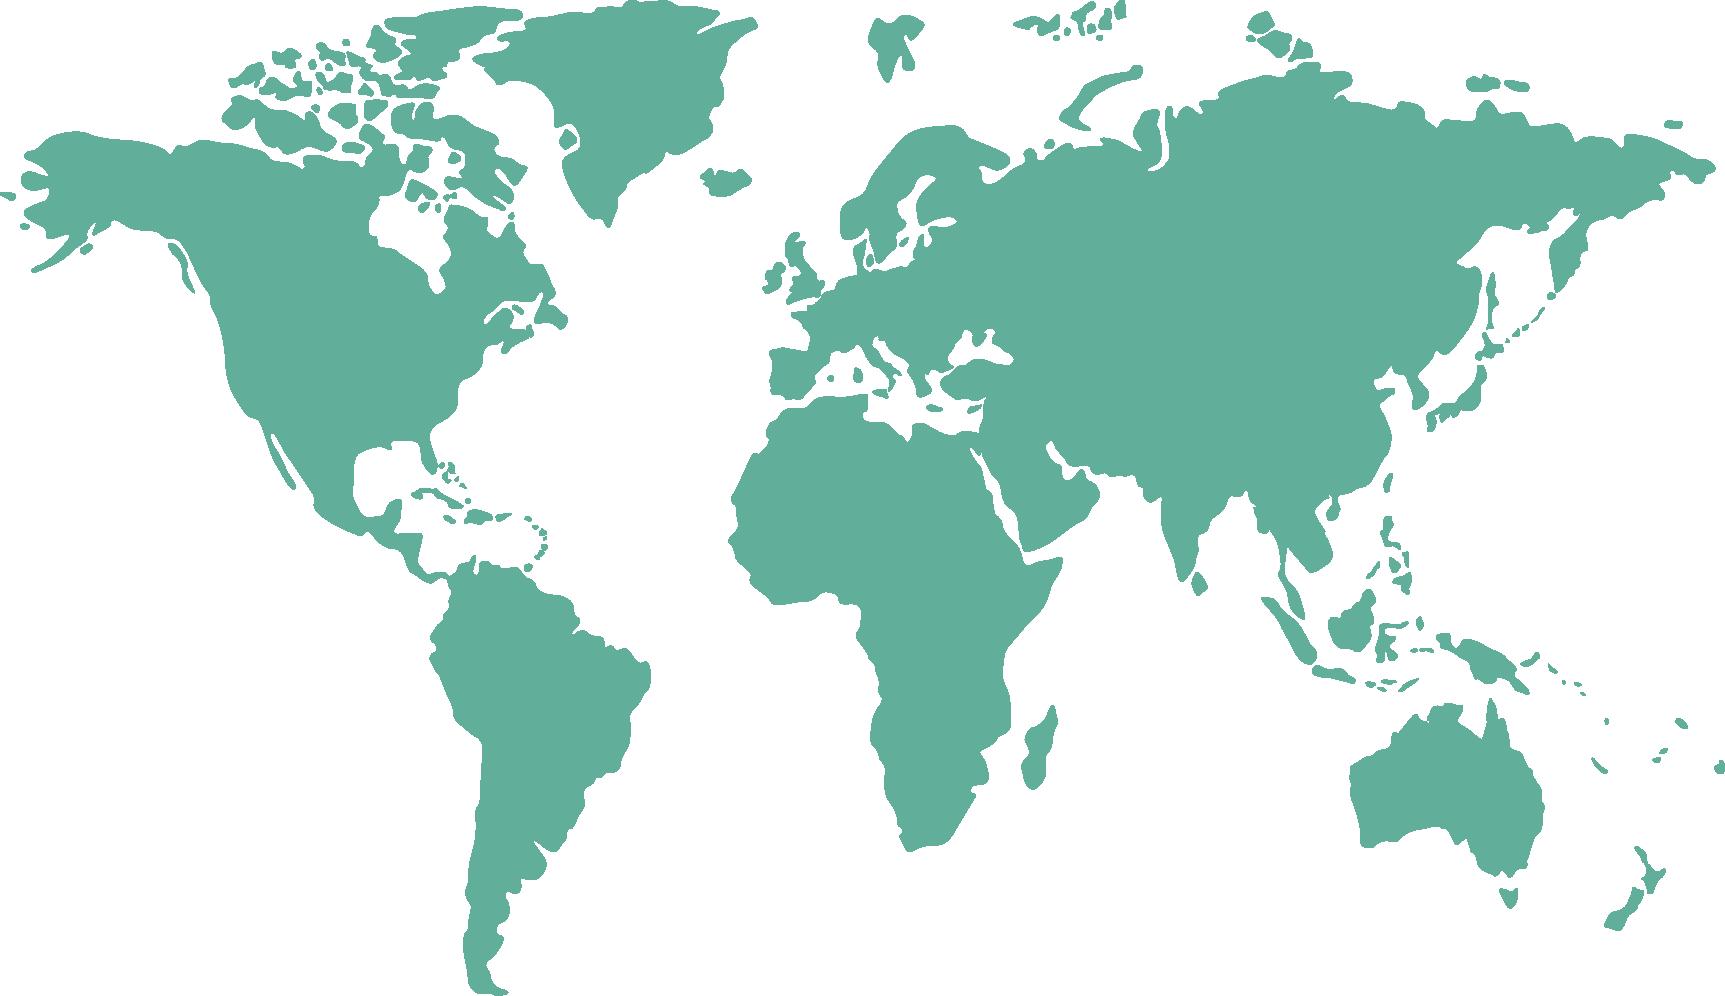 Green world map clipart vector transparent stock Globe World map - Vector green world map png download - 1725*996 ... vector transparent stock